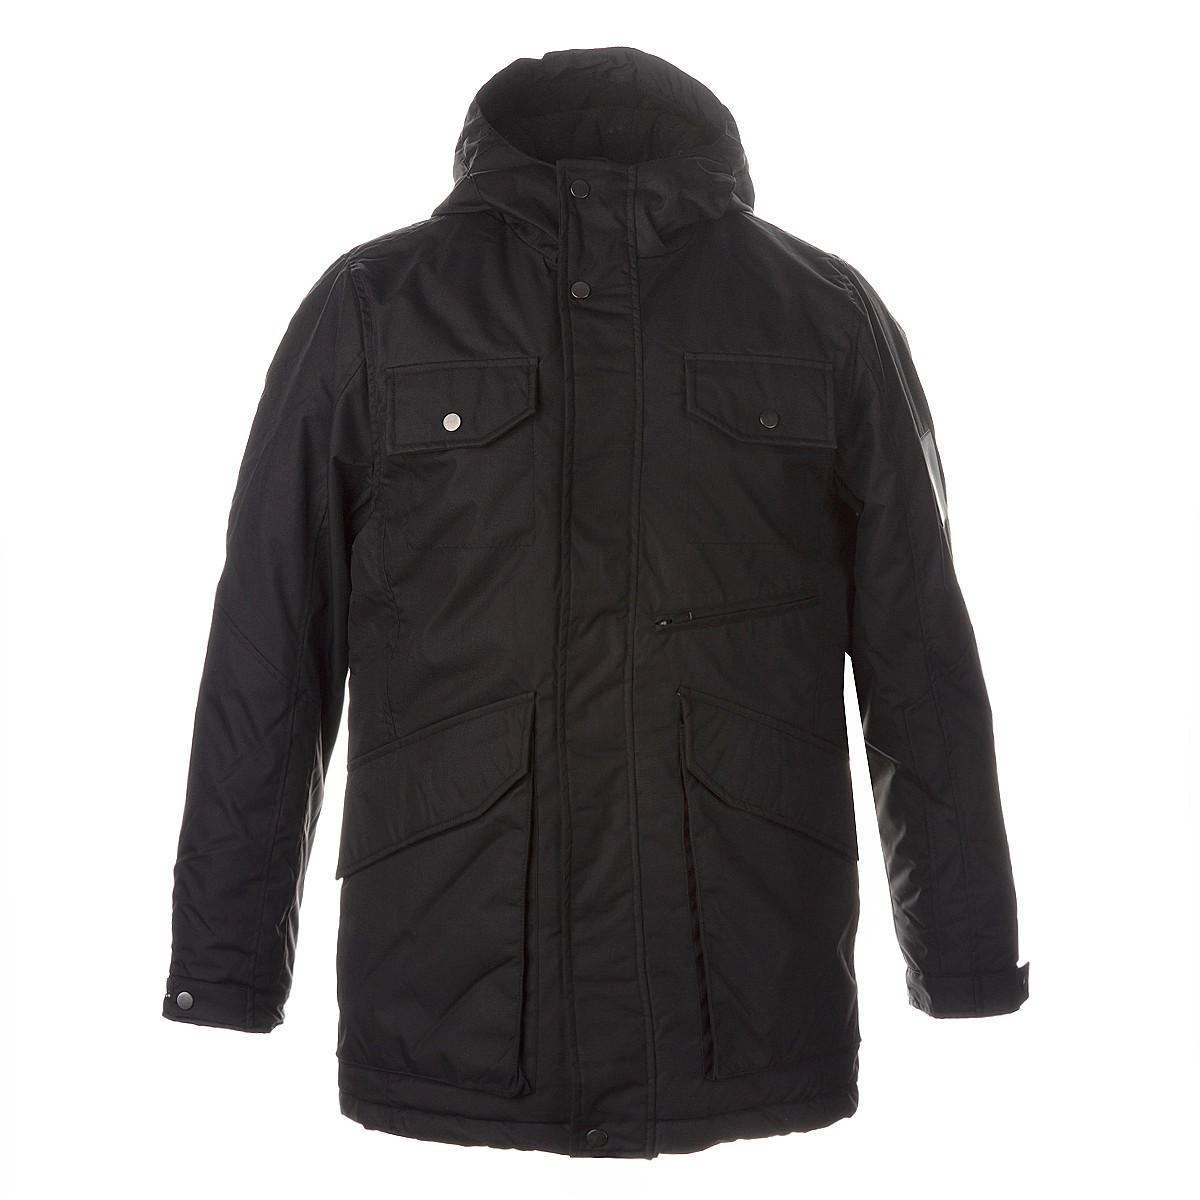 Куртка для мужчин VINCET, чёрный